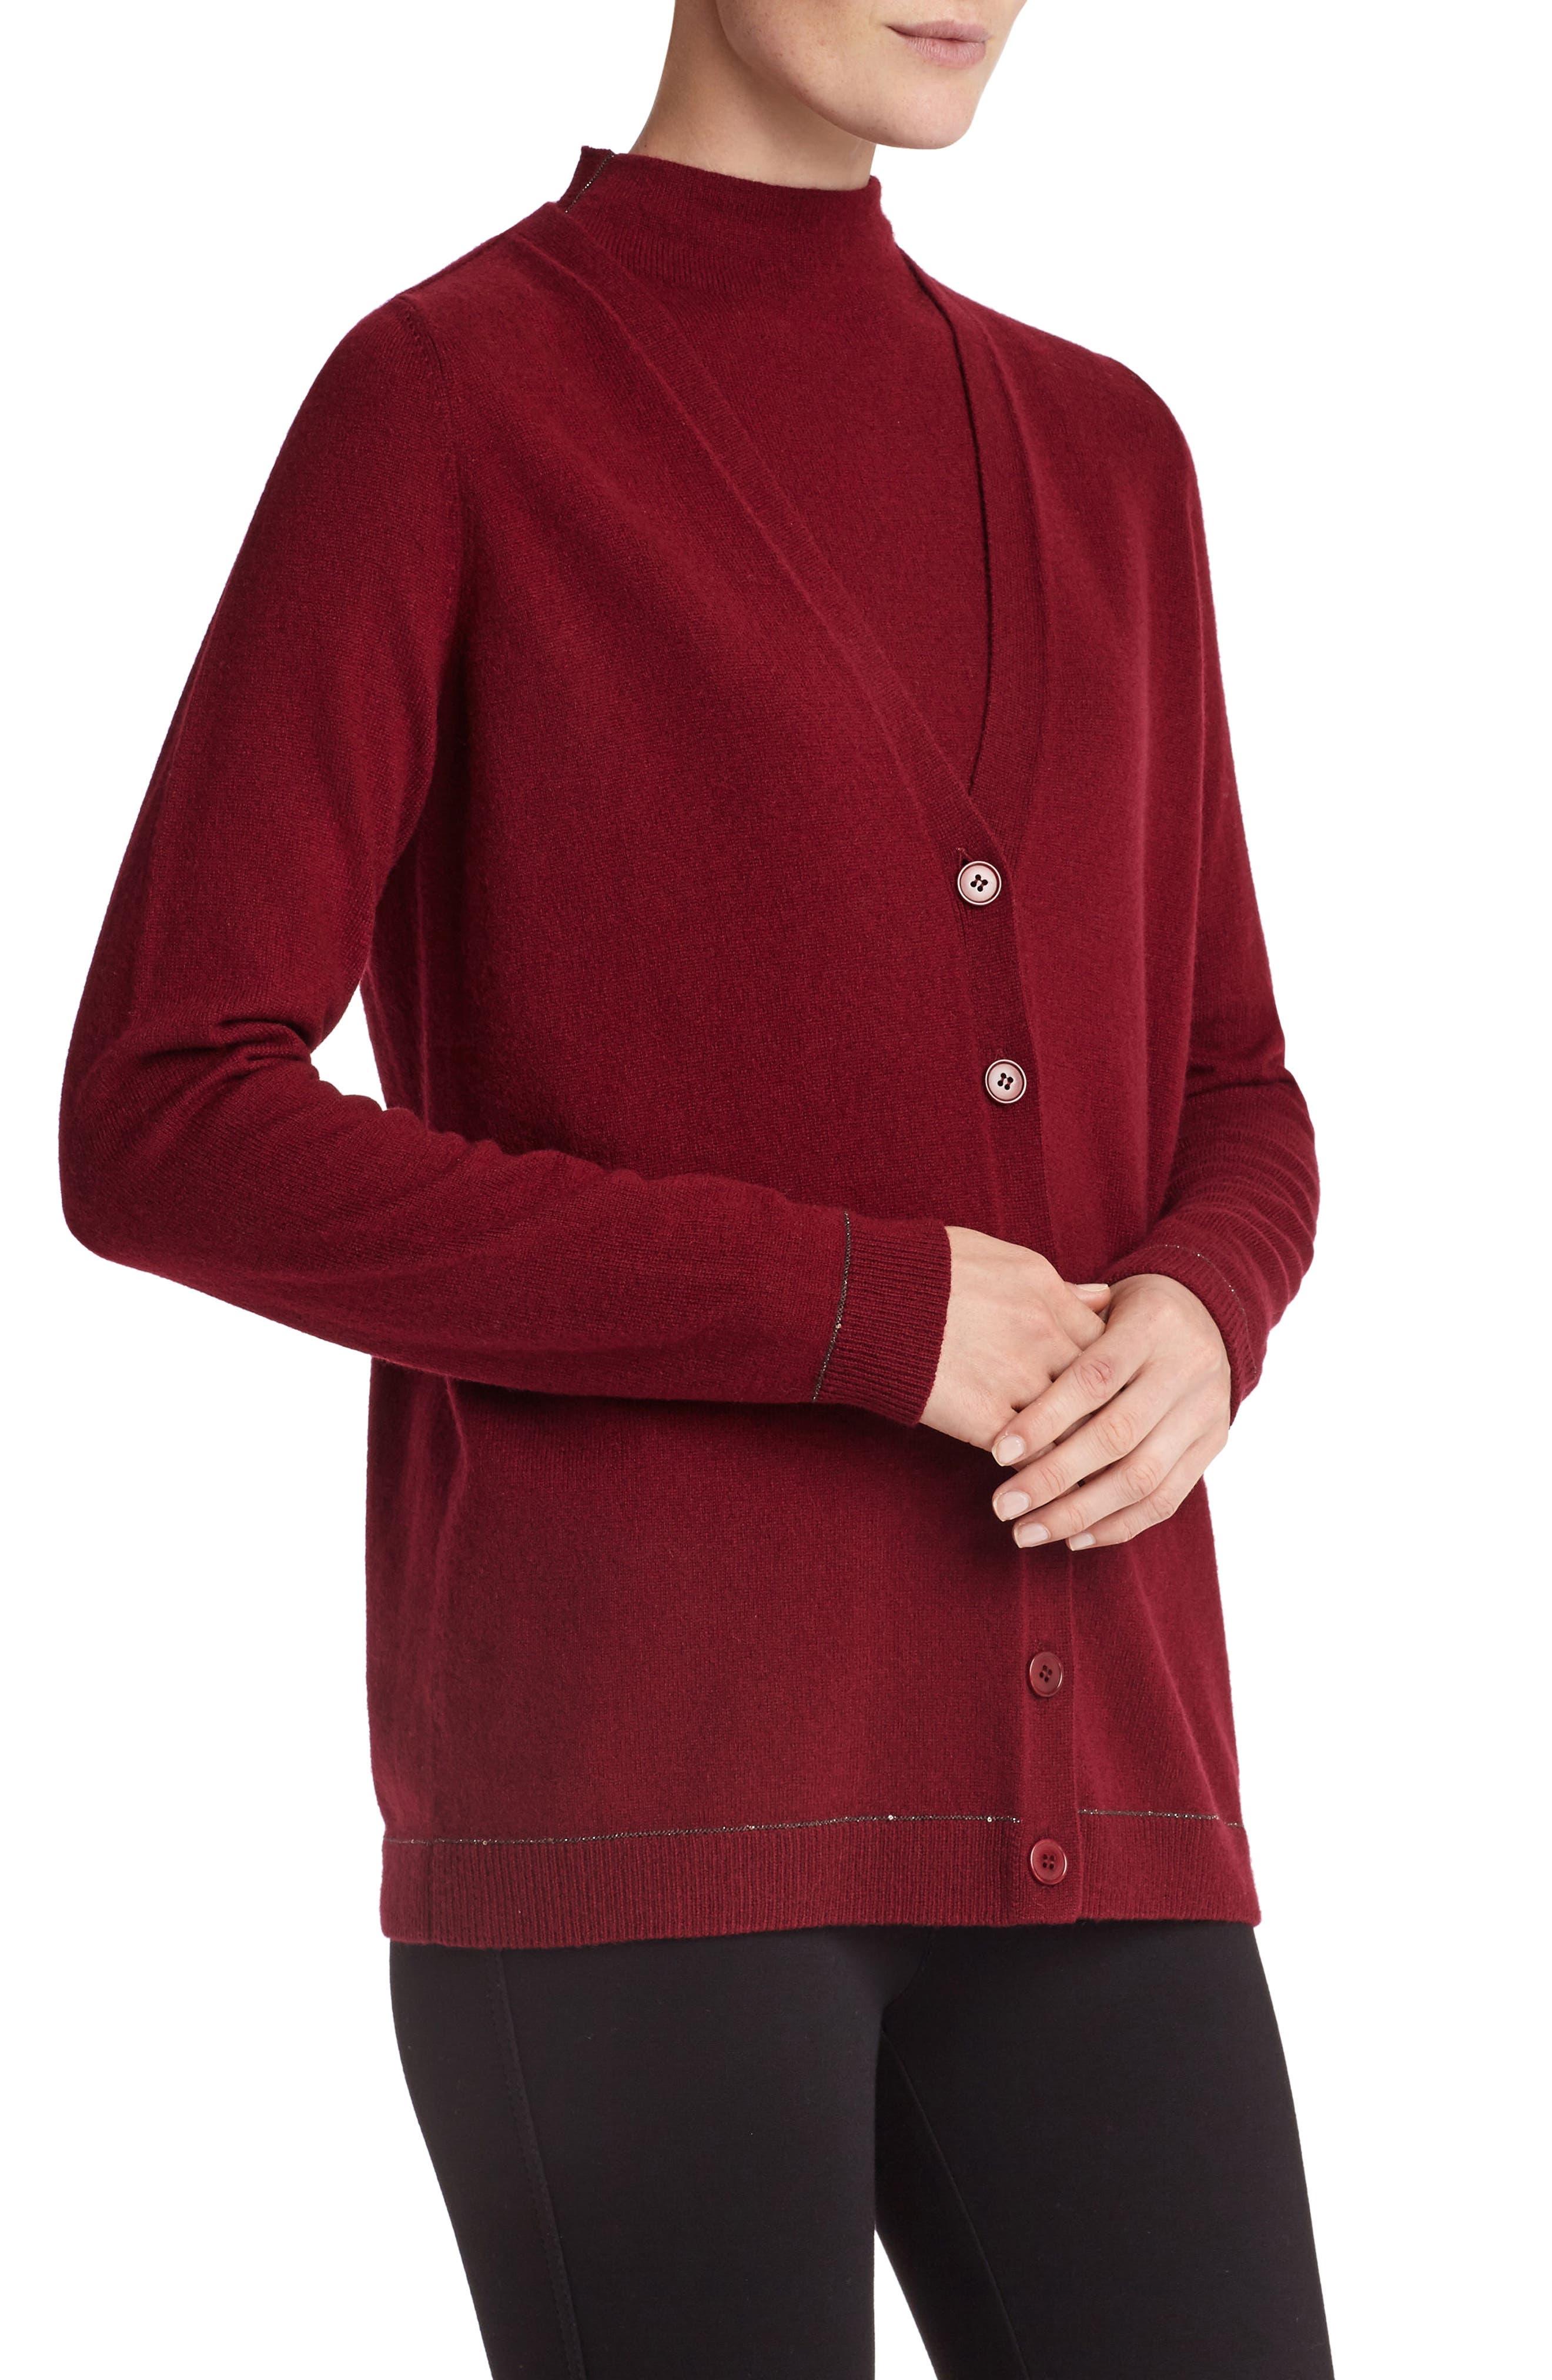 Sequin Trim Cashmere Mock Neck Sweater,                             Alternate thumbnail 5, color,                             Shiraz